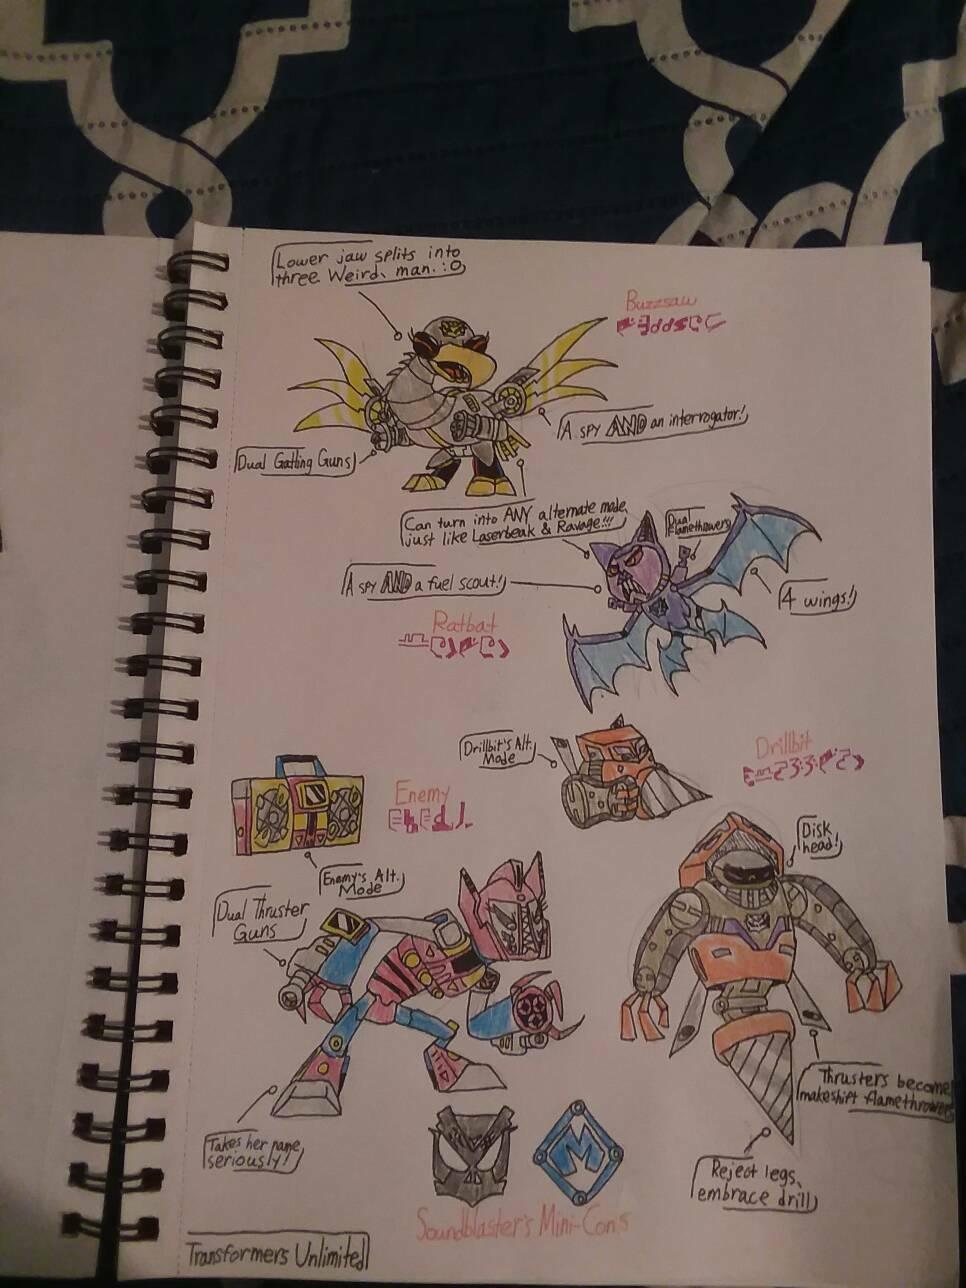 Transformers Unlimited: Soundblaster's Mini-Cons